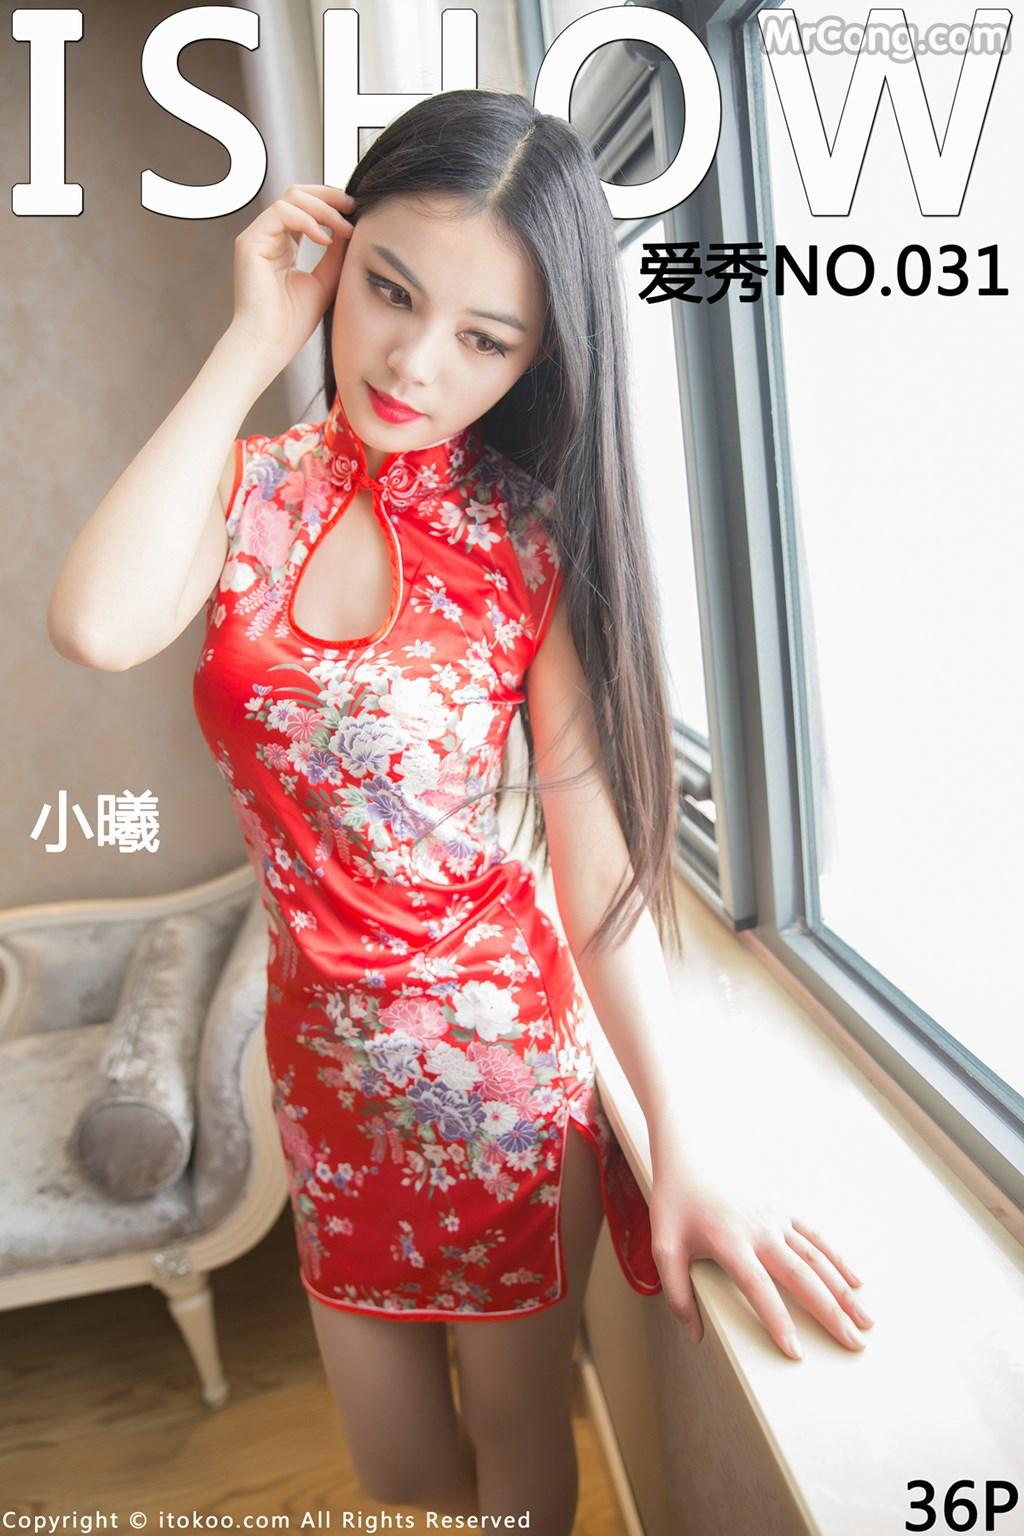 ISHOW No.031: Người mẫu Xiao Xi (小曦) (37 ảnh)